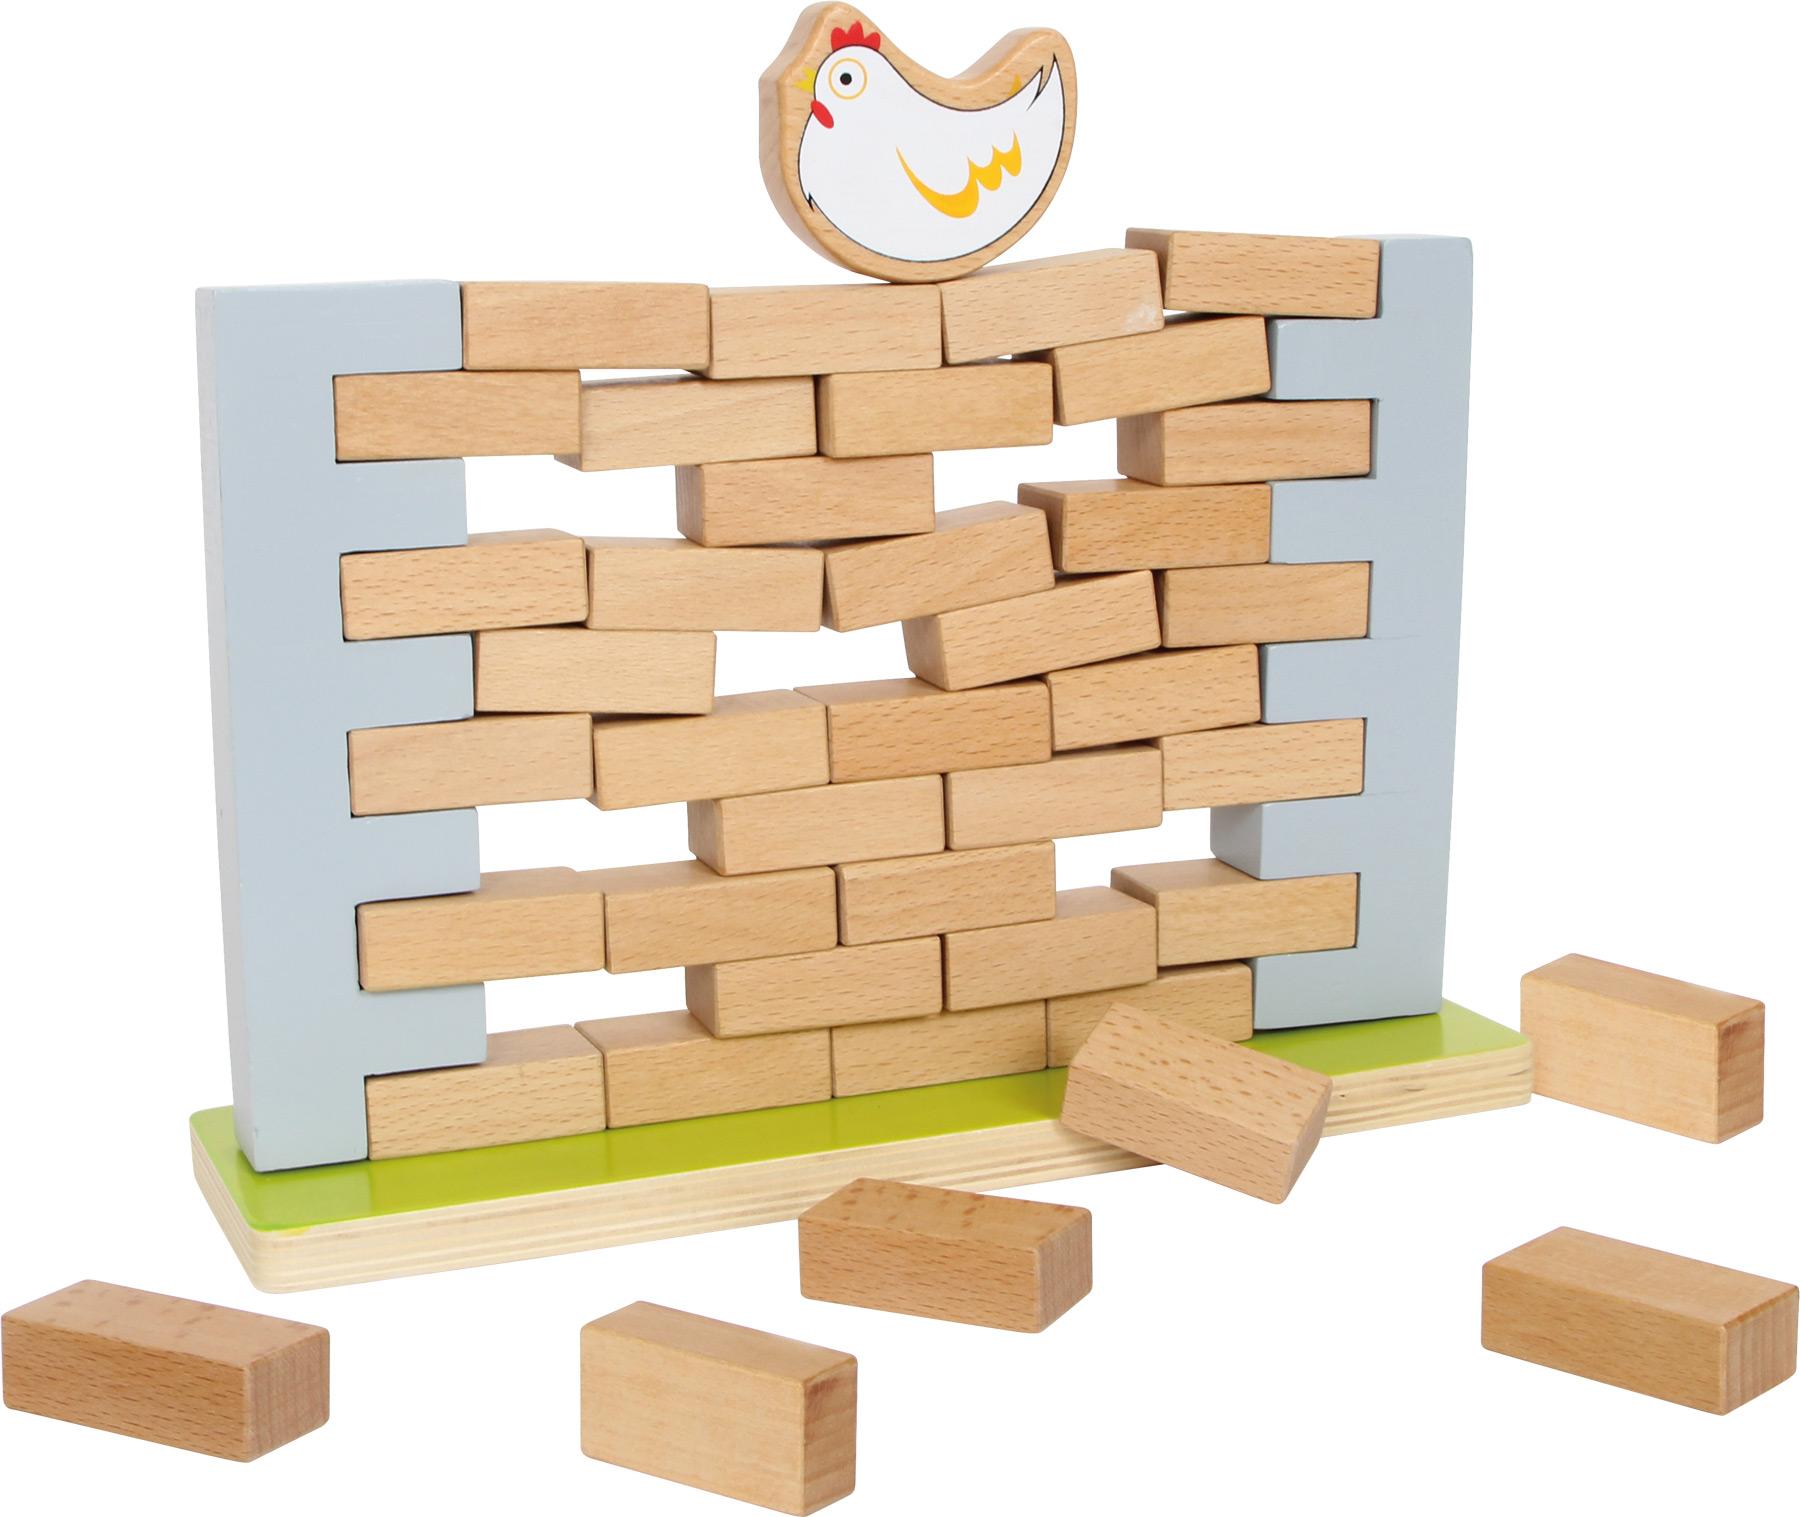 Une poule sur un mur bancal : jeu d'adresse en bois